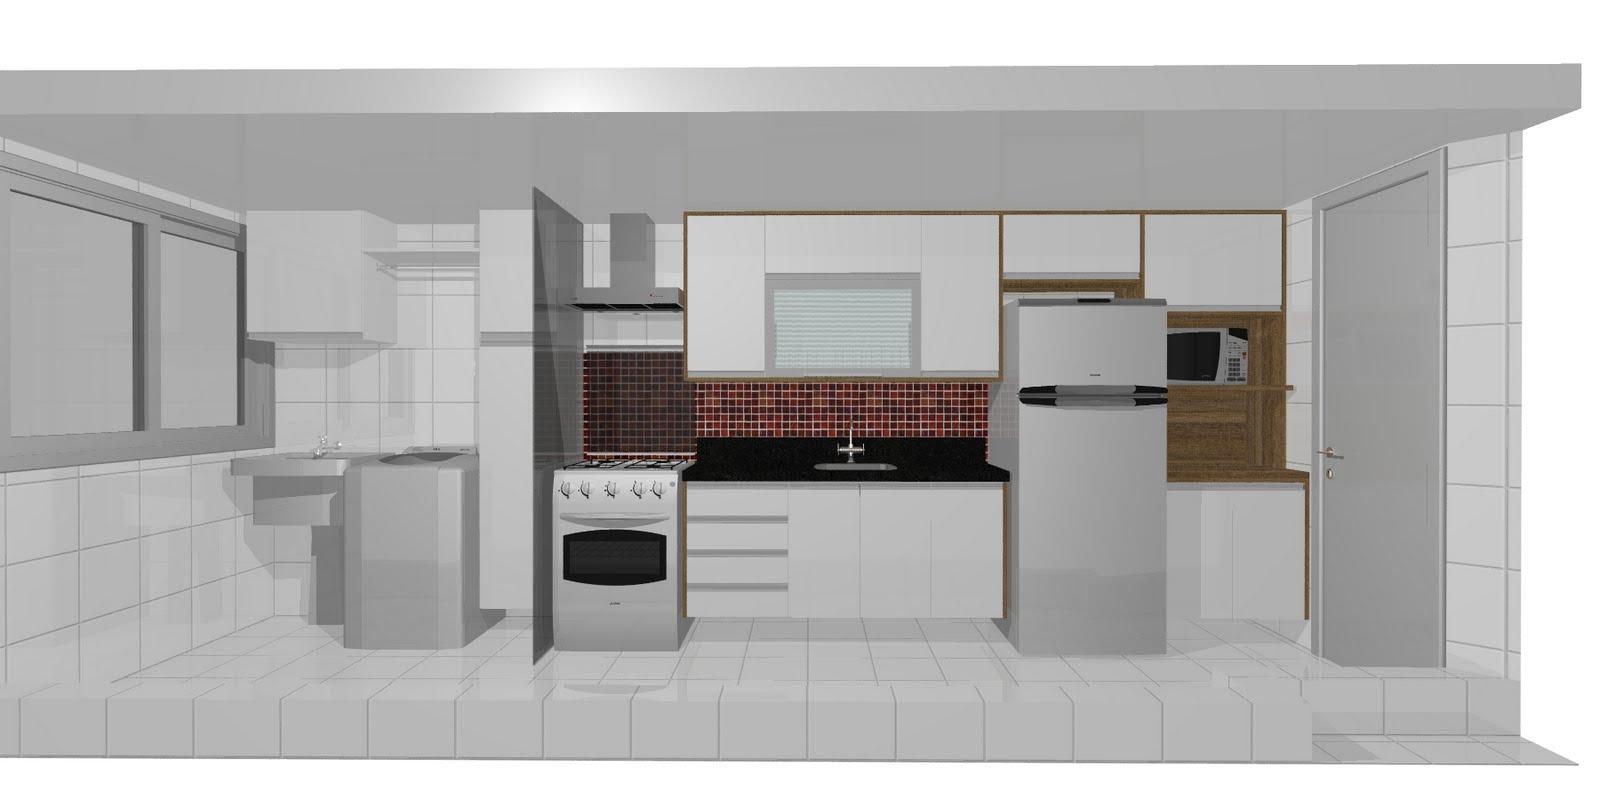 Cozinha estilo corredor #604537 1600 800